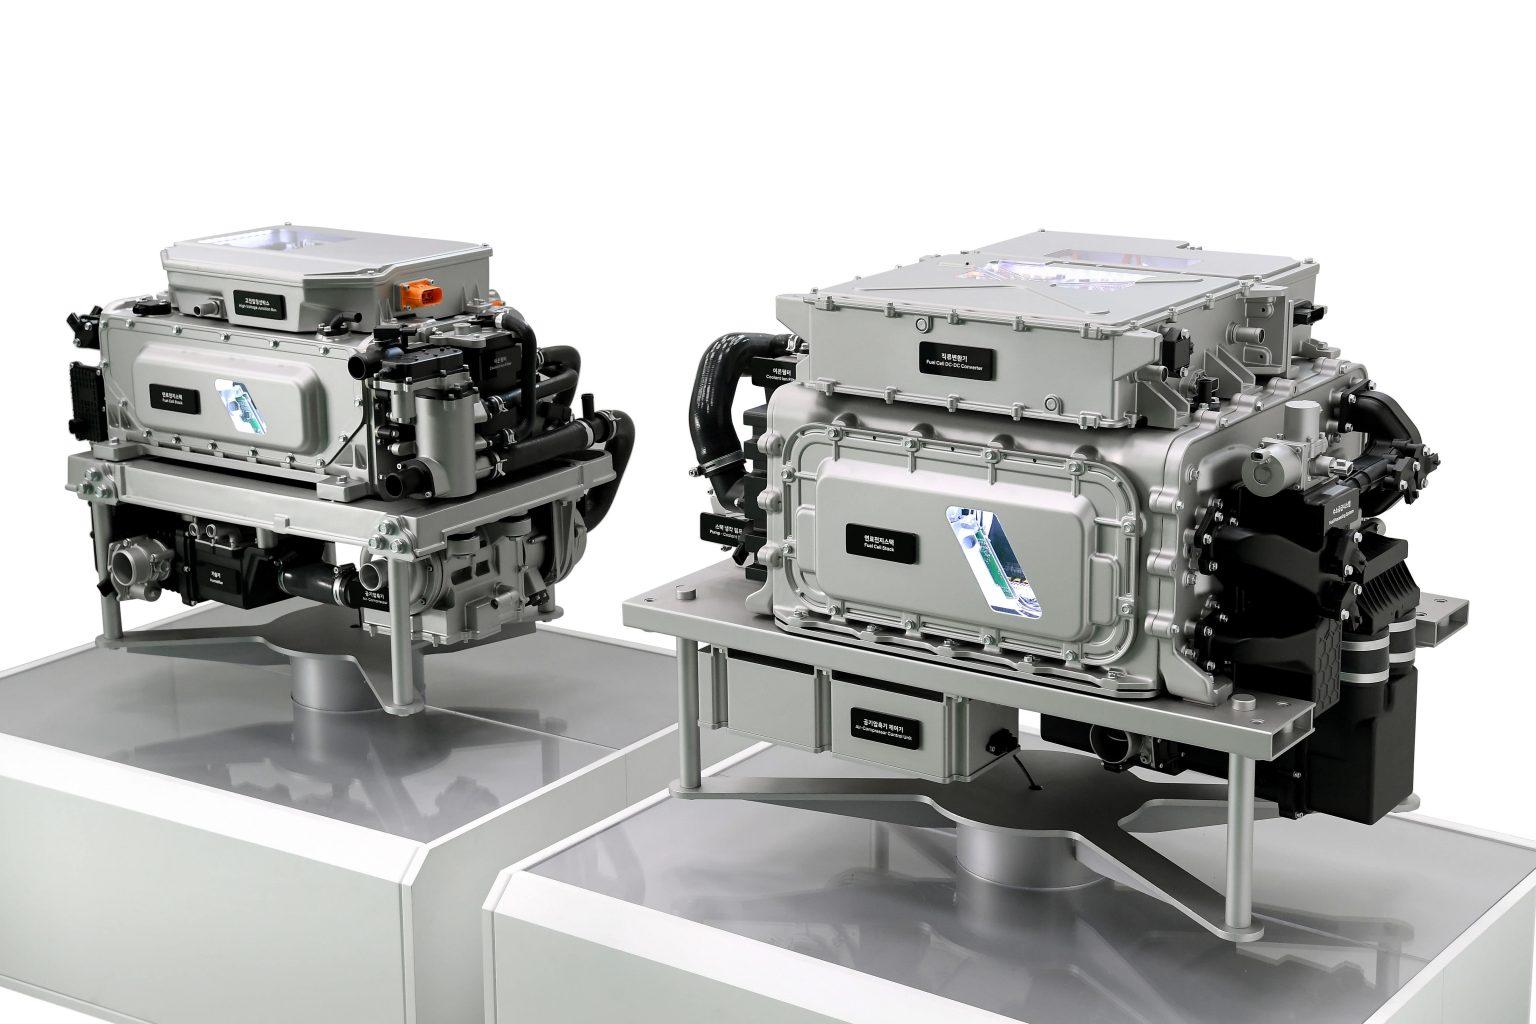 مجموعة هيونداي موتور تقدم خططها لتعميم الهيدروجين بحلول عام 2040